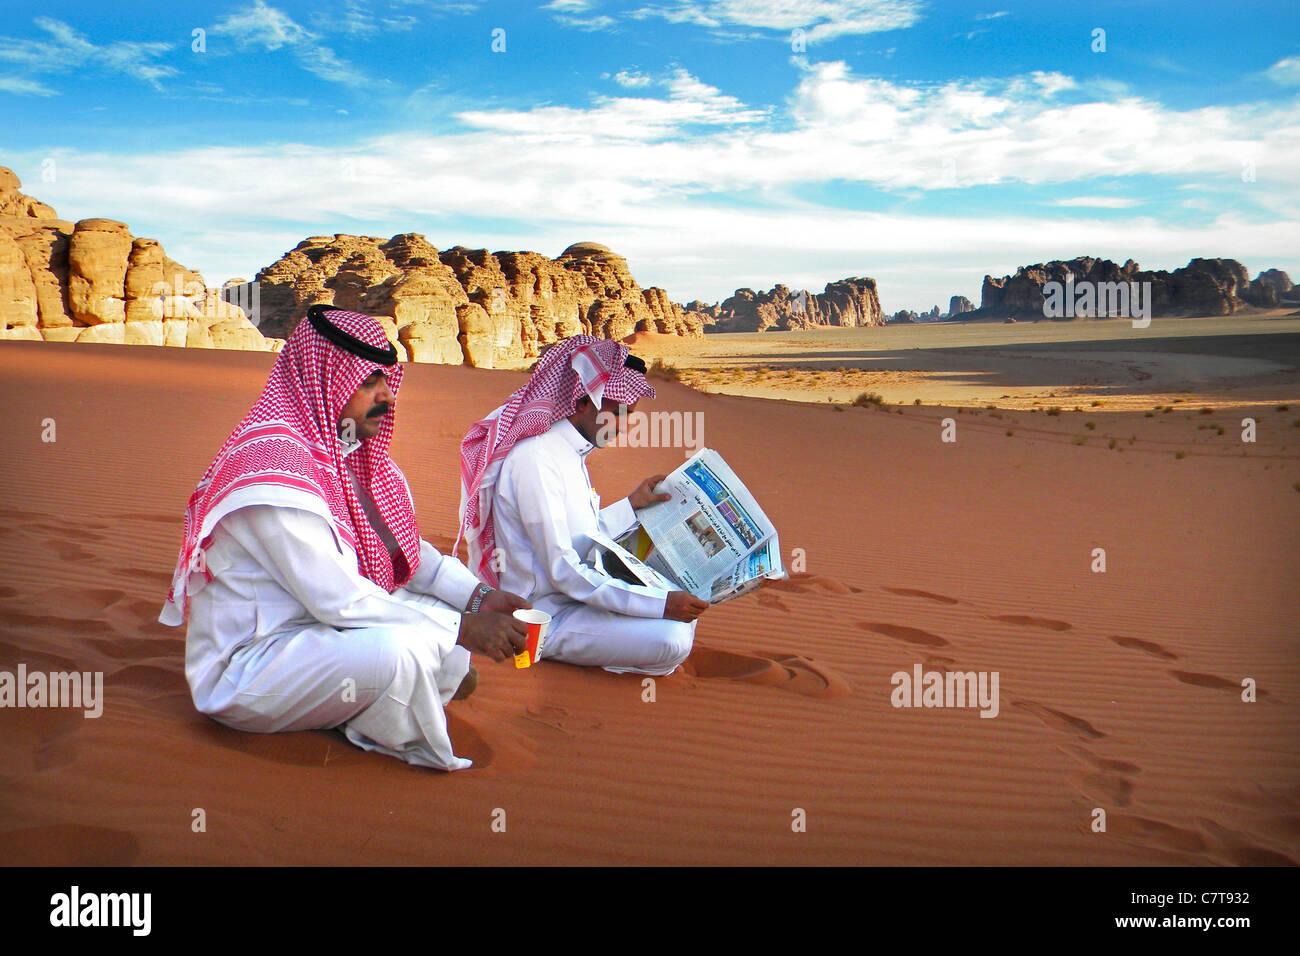 L'Arabie saoudite, l'homme dans le désert Photo Stock